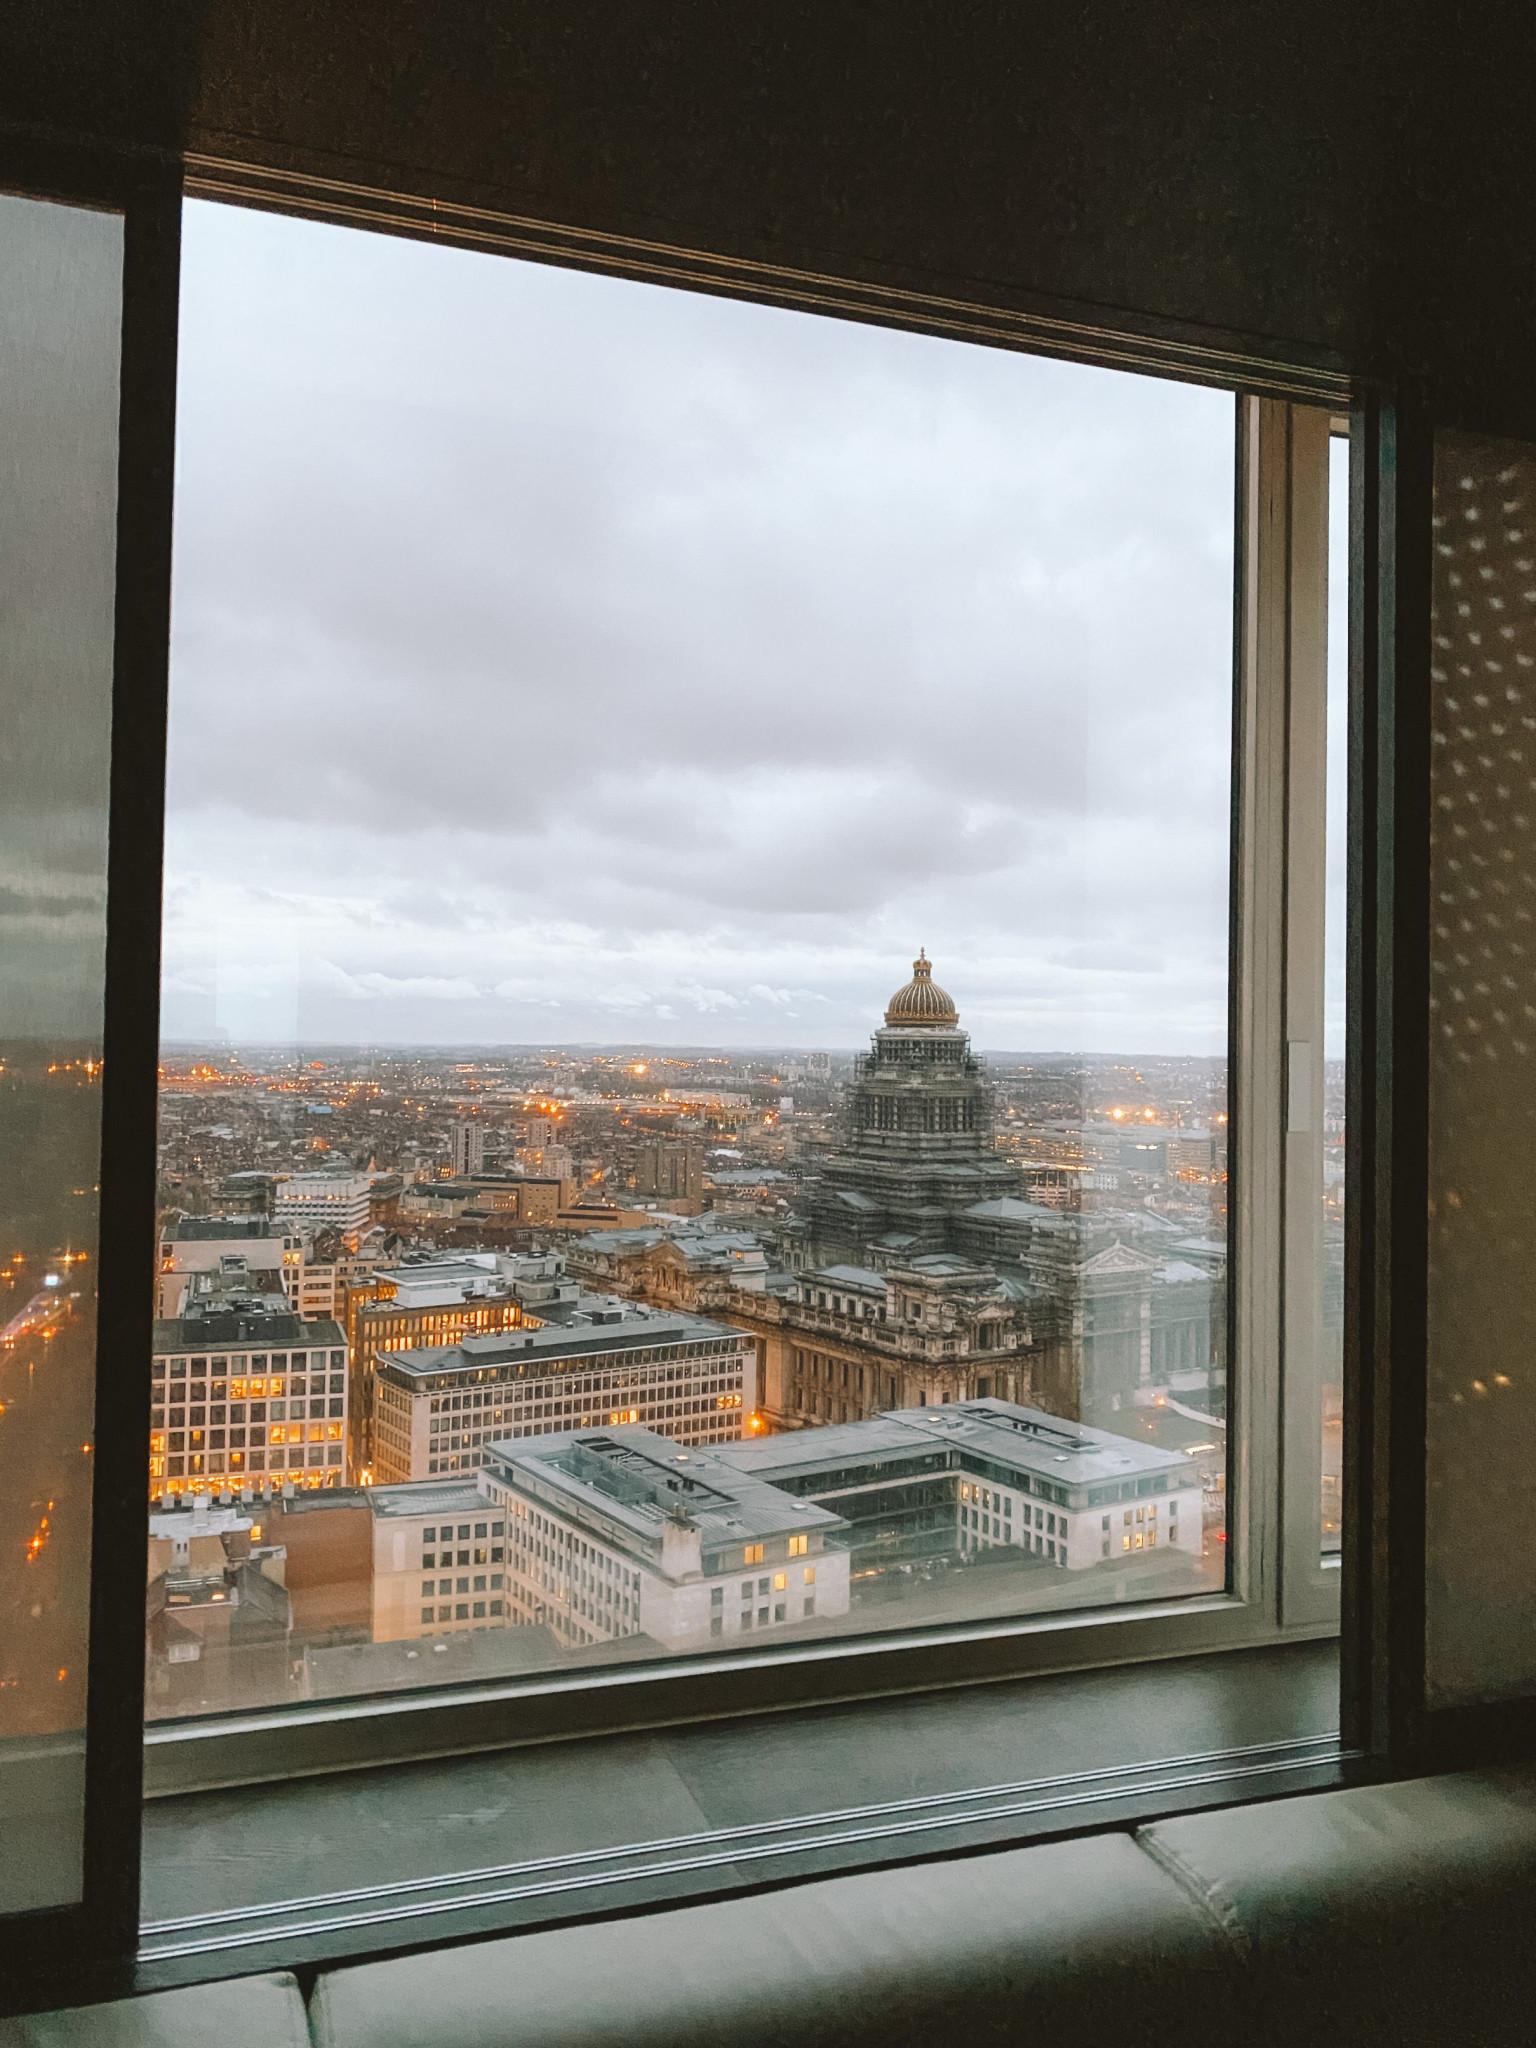 Testé pour vous : Side by Sight, staycation et dîner dans les nuages à The Hotel - 2